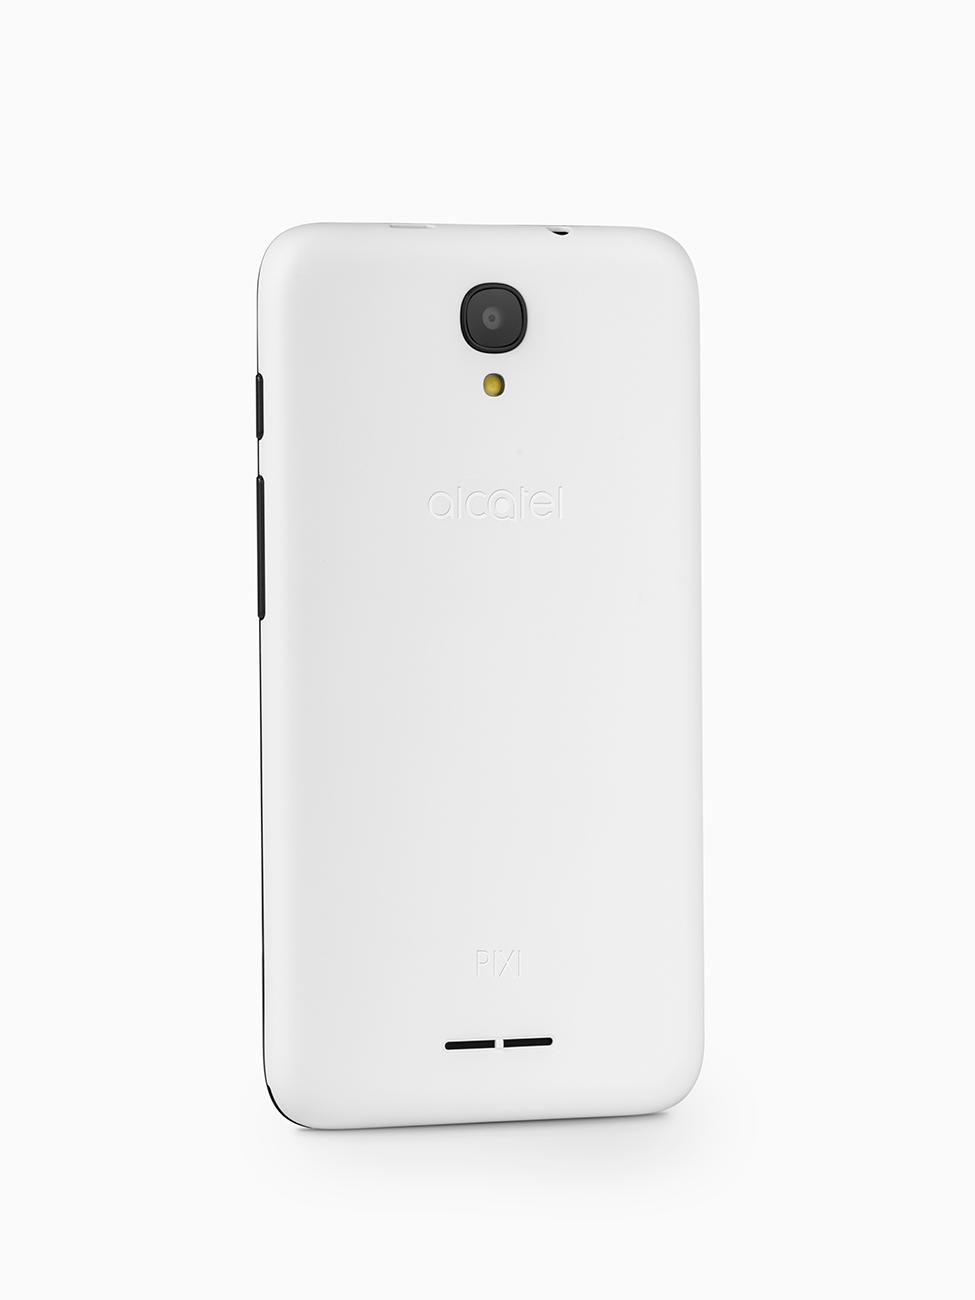 Biały telefon, packshot ilustrujący tył produktu